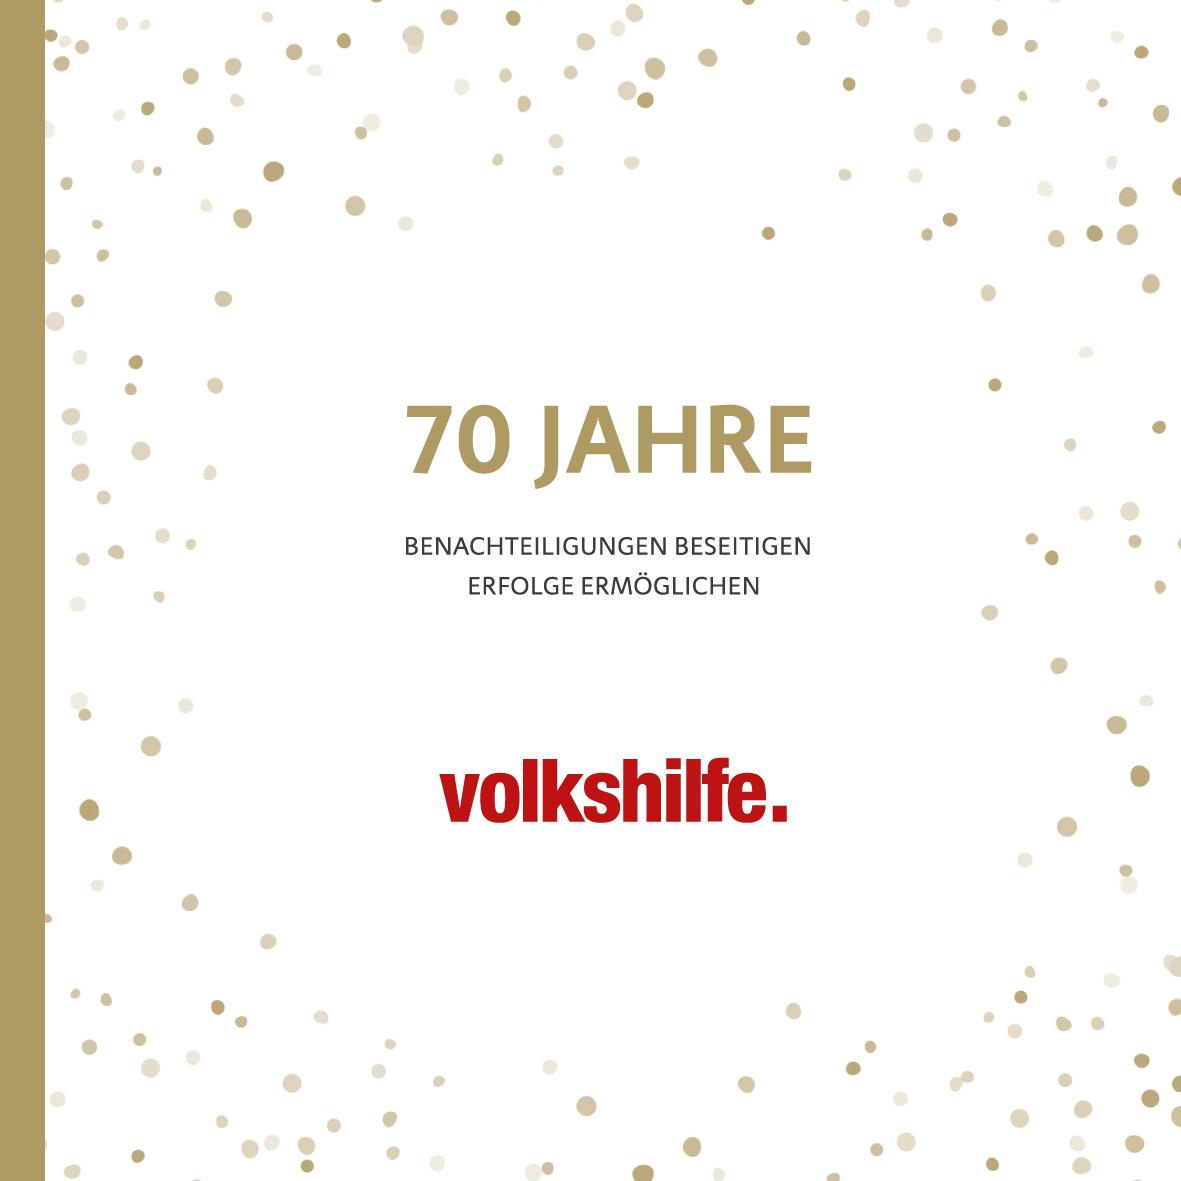 70 Jahre Volkshilfe Festschrift